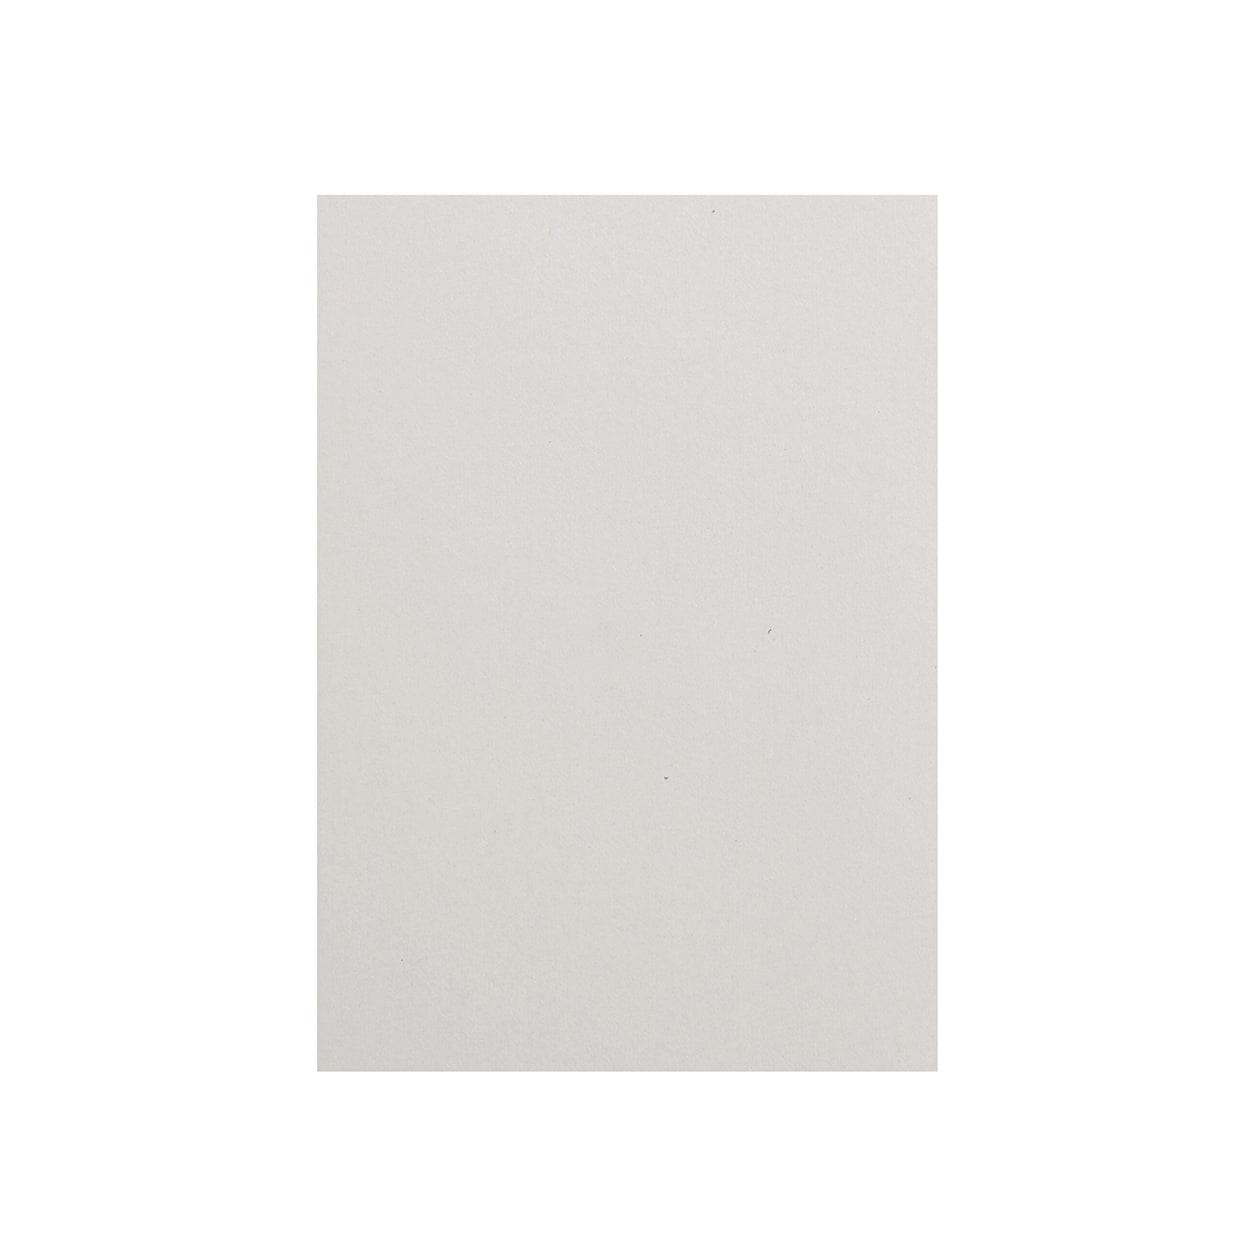 A5カード ボード紙 グレー 450g